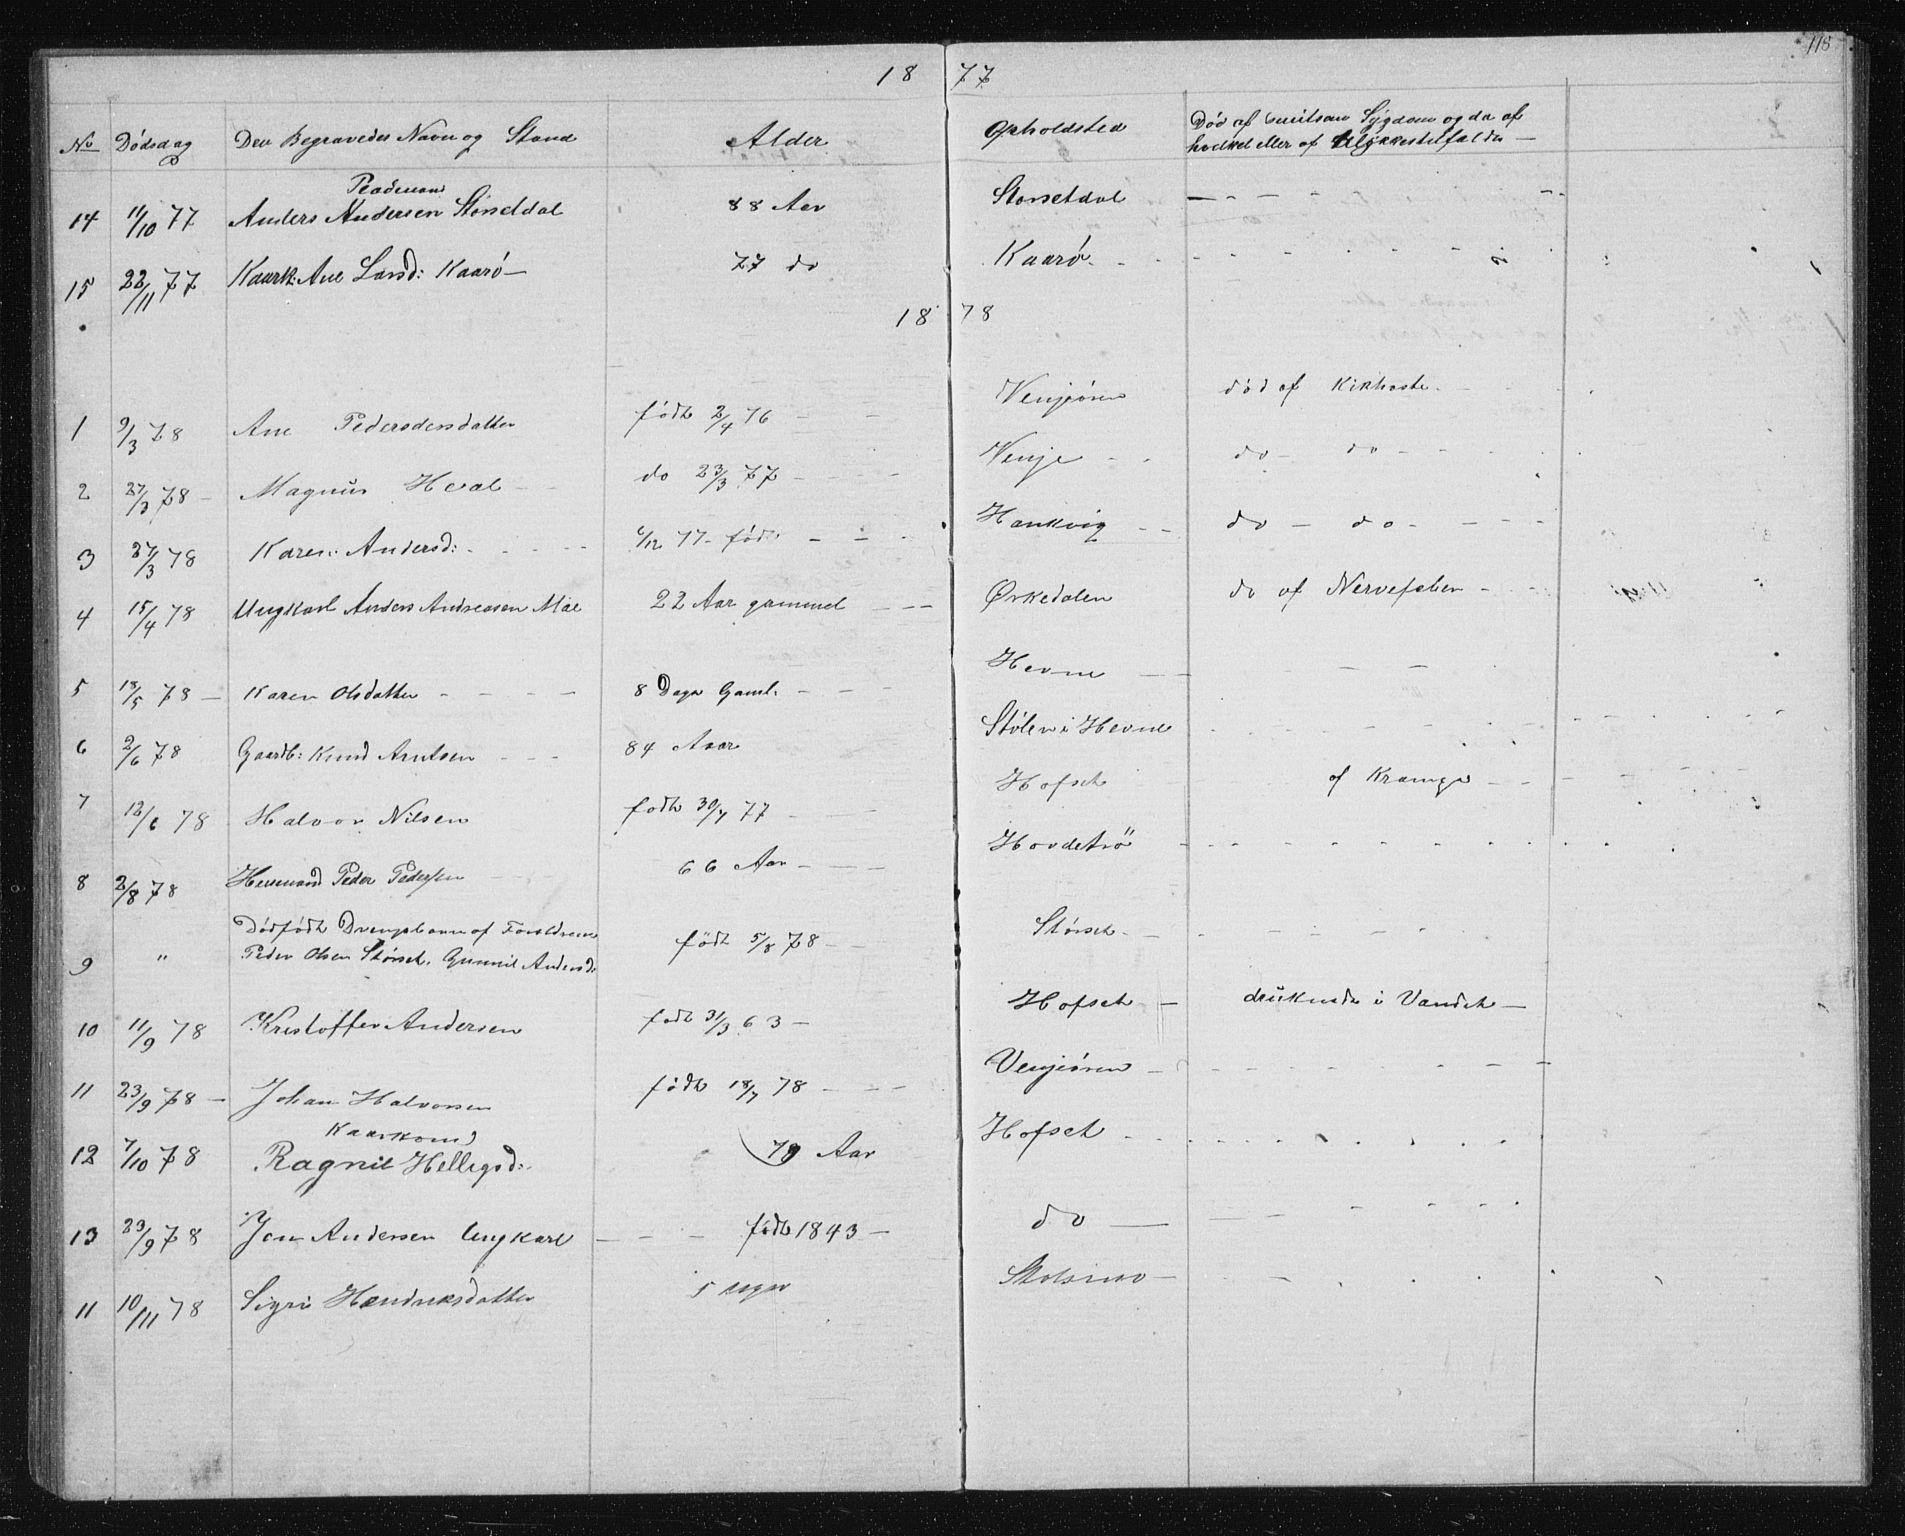 SAT, Ministerialprotokoller, klokkerbøker og fødselsregistre - Sør-Trøndelag, 631/L0513: Klokkerbok nr. 631C01, 1869-1879, s. 118